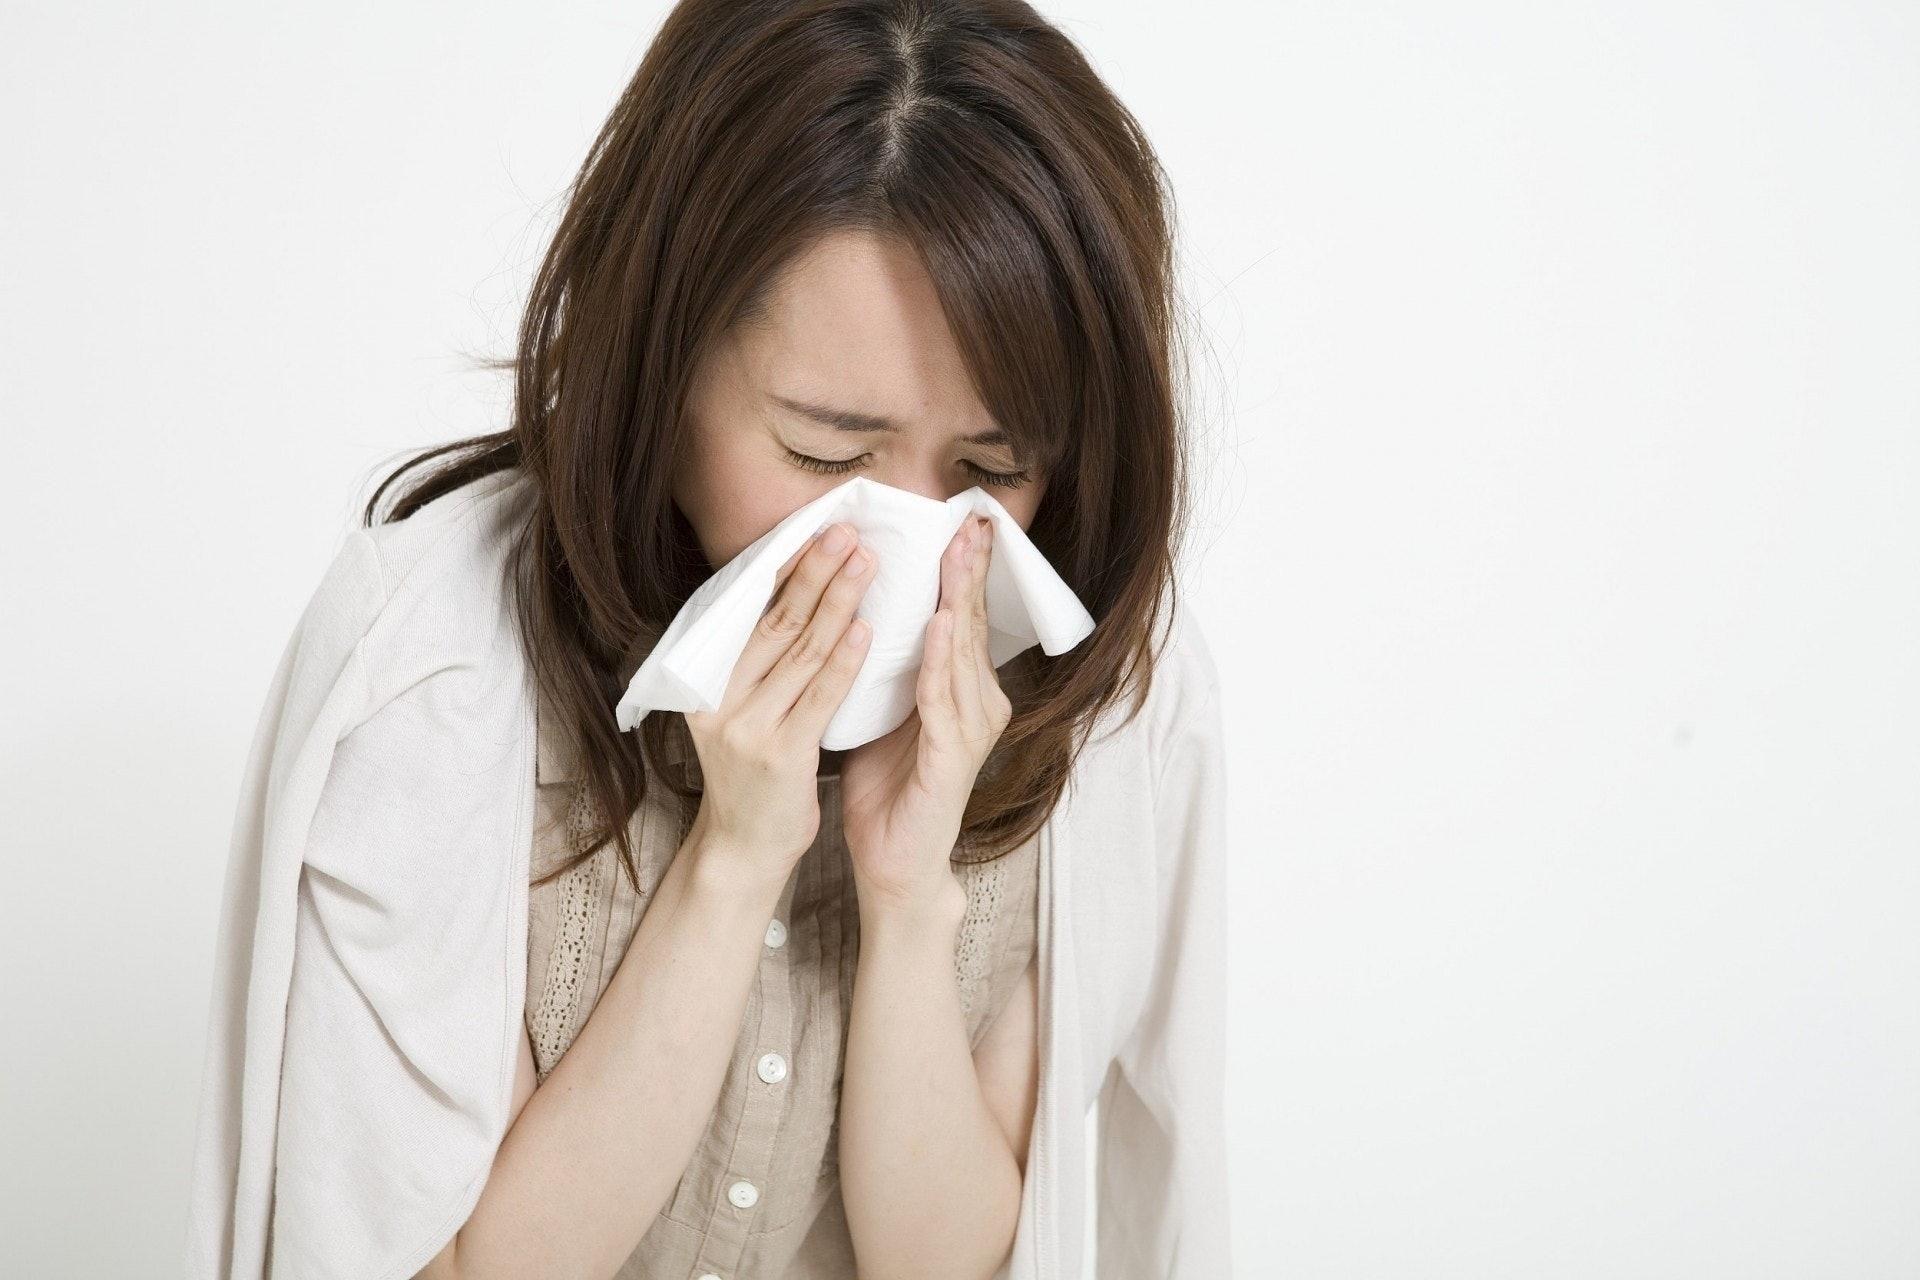 霜降時節日夜溫差大,容易受涼,易患感冒、鼻塞流涕、咳嗽等呼吸道疾病,應多吃白蘿蔔、生薑、蘇葉、南瓜等食物。(資料圖片)